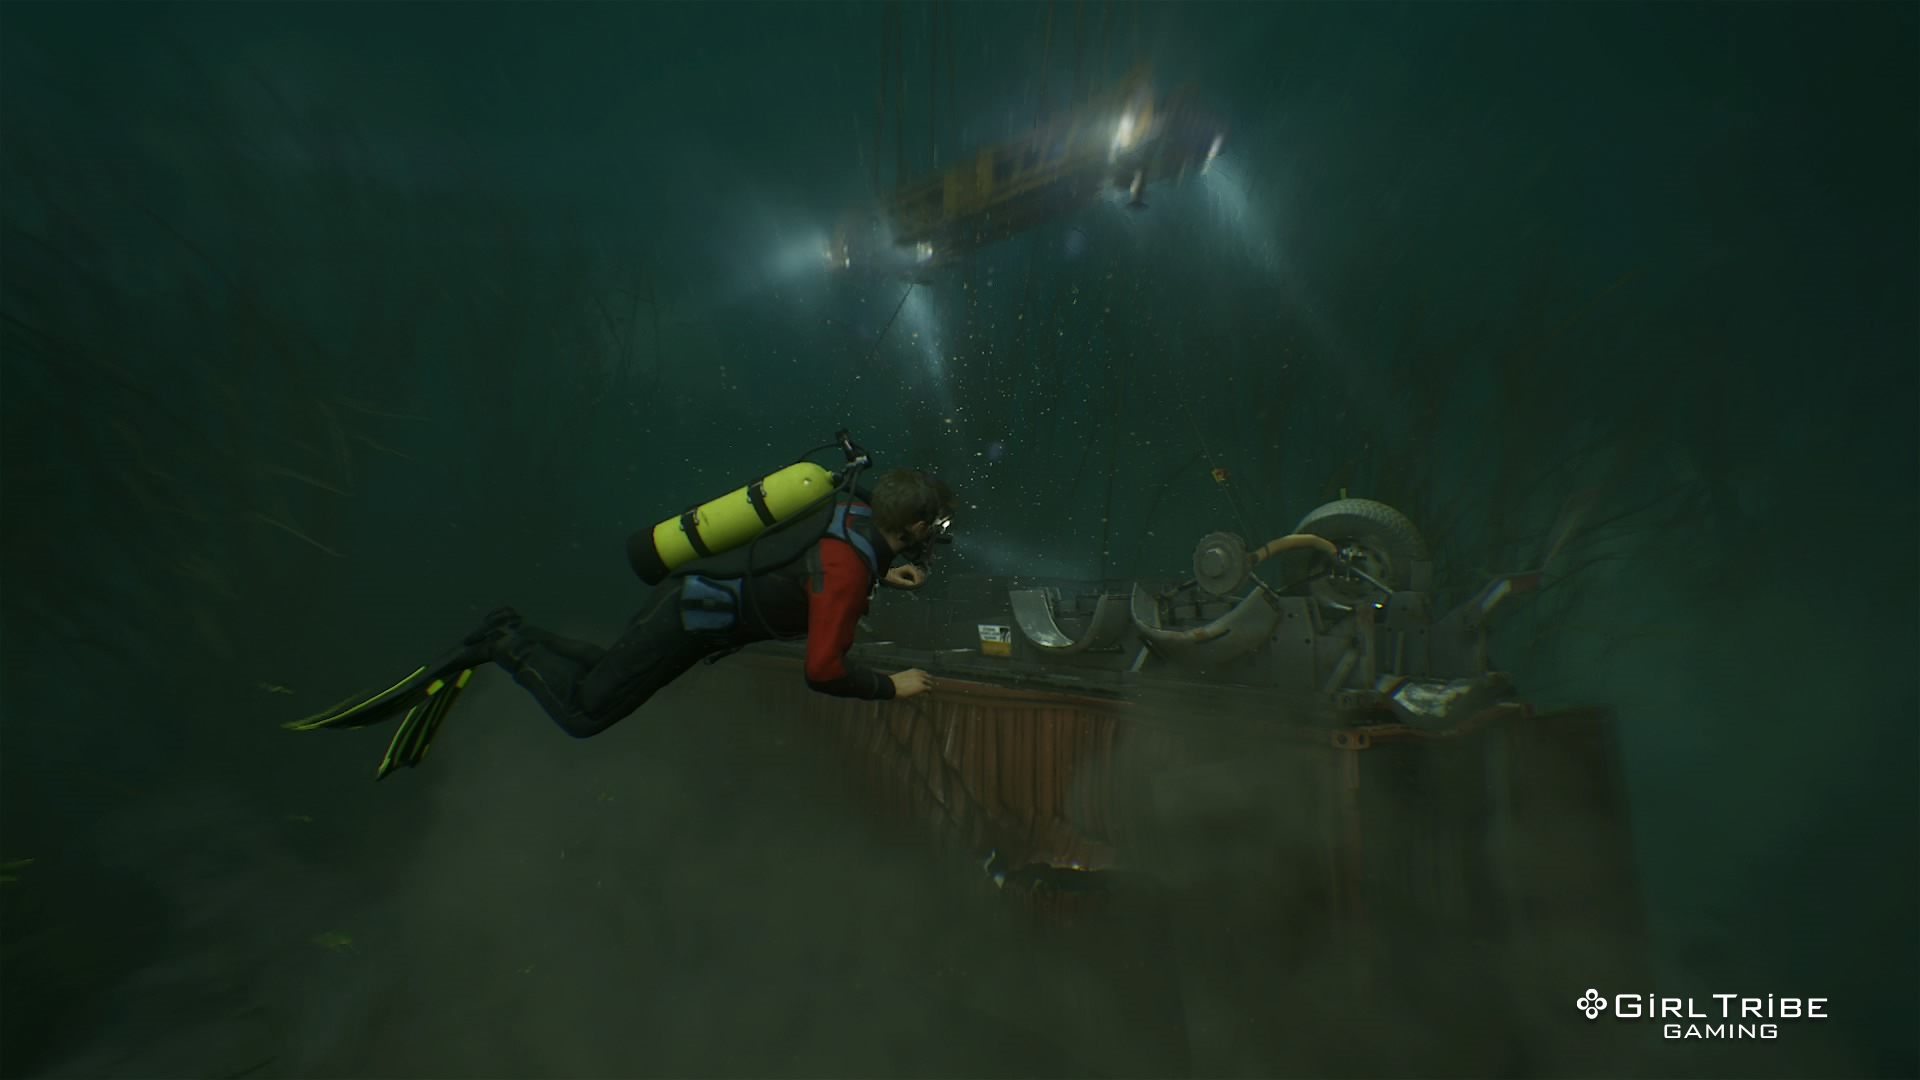 Uncharted-4-Screenshot-7-w.jpg